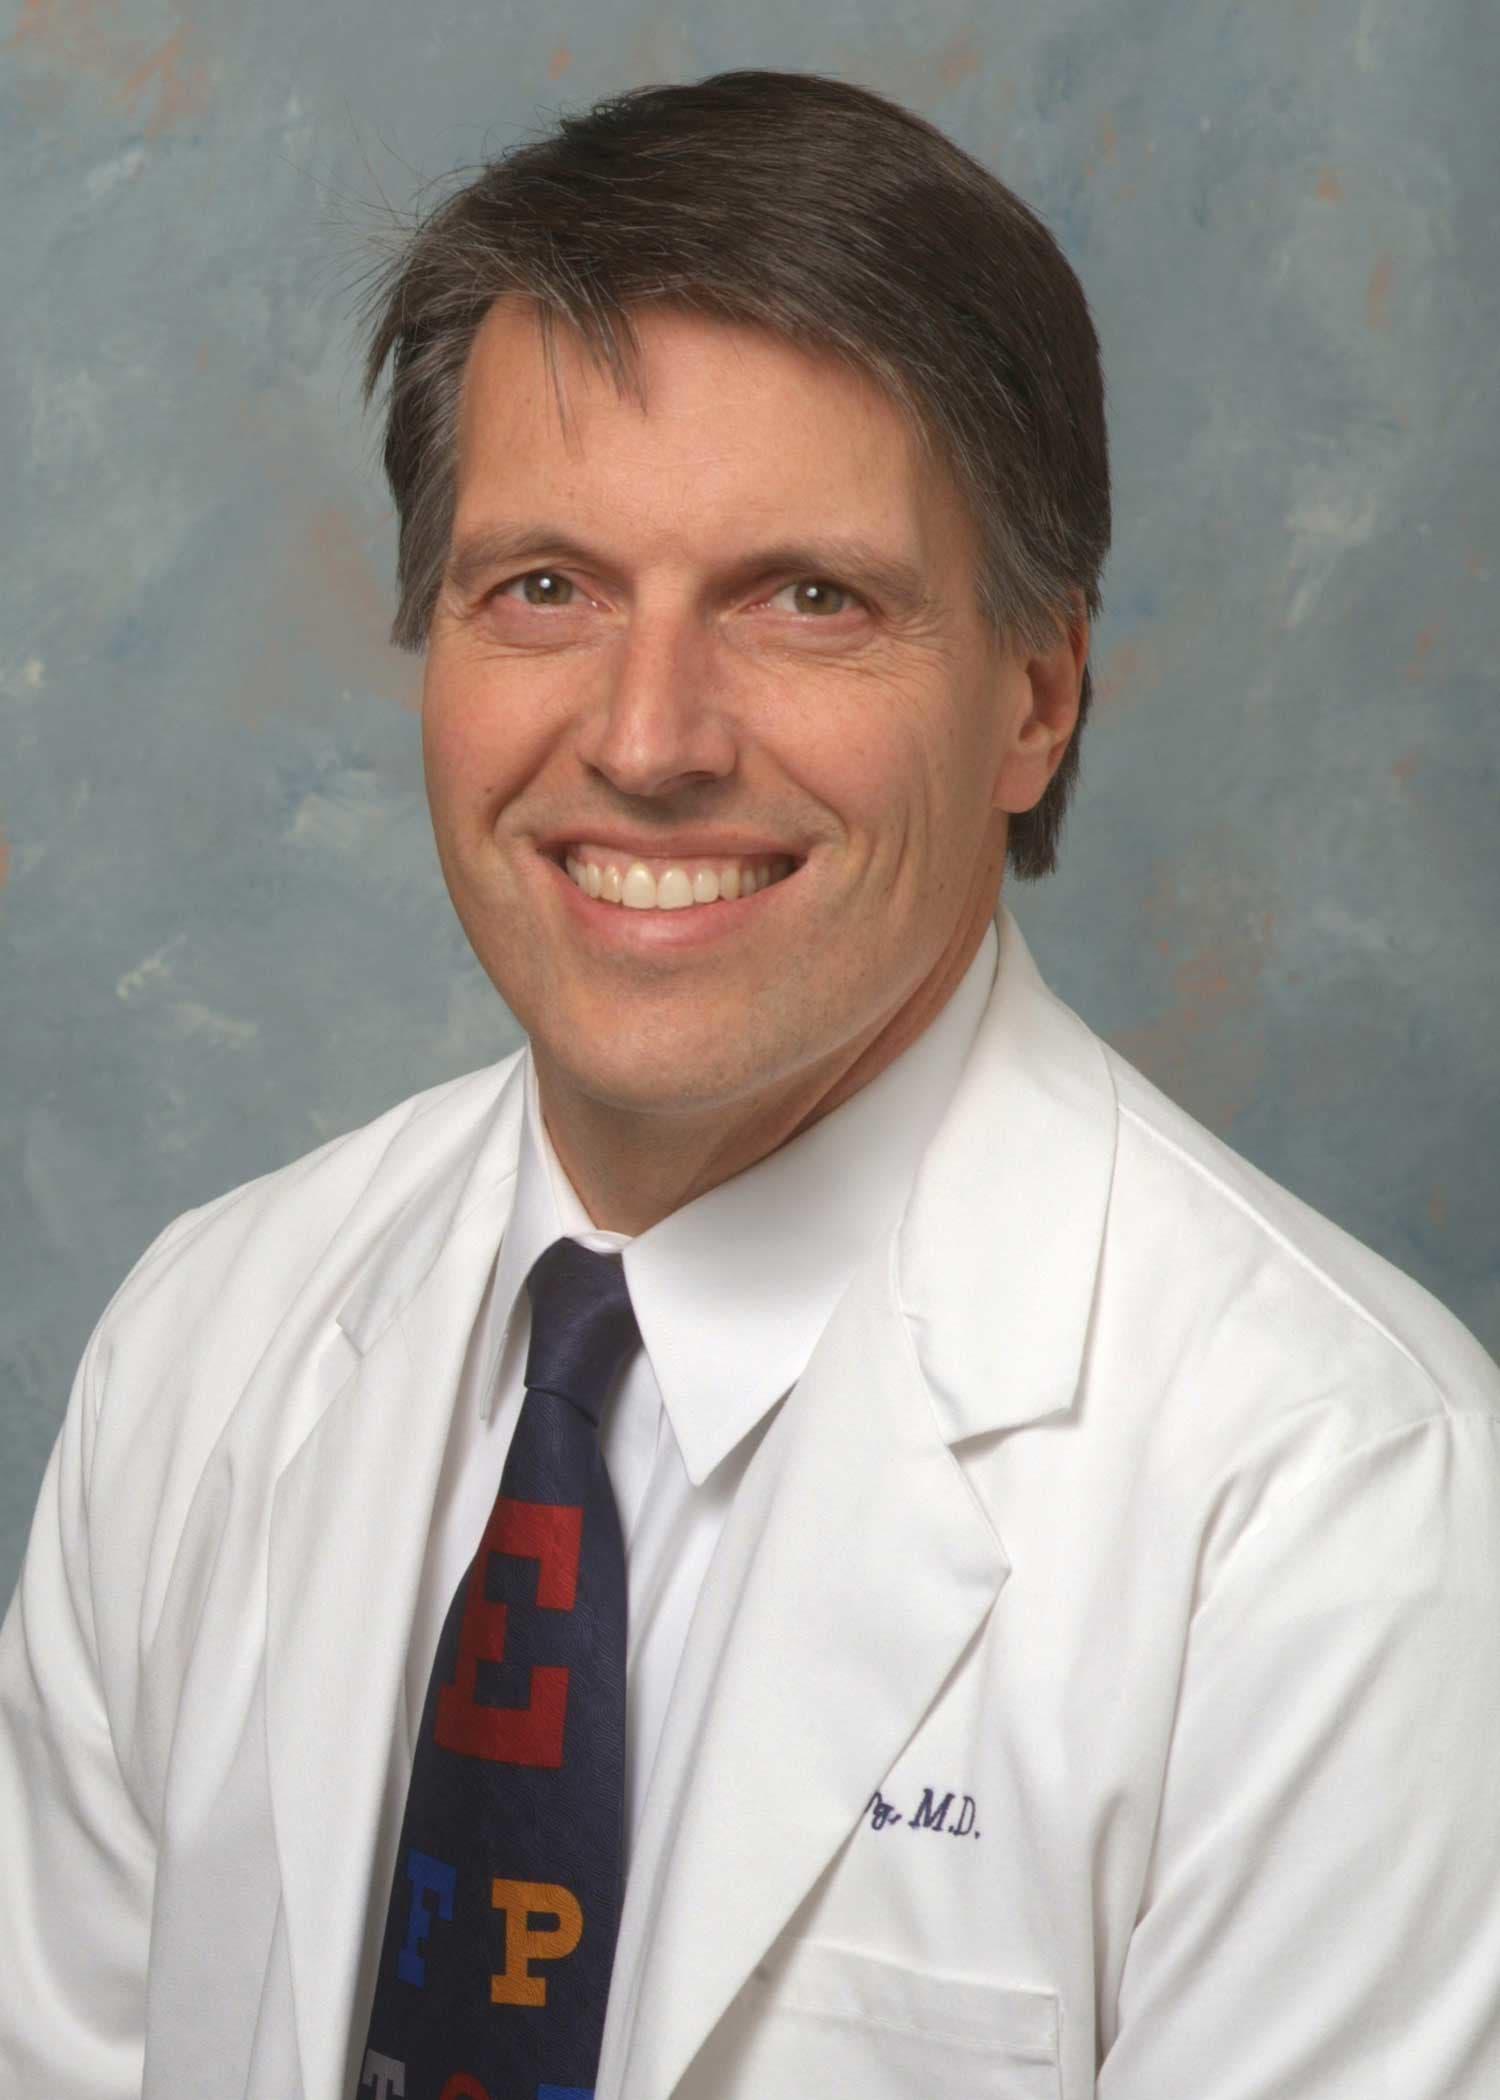 Dr. Christopher M Weltz MD